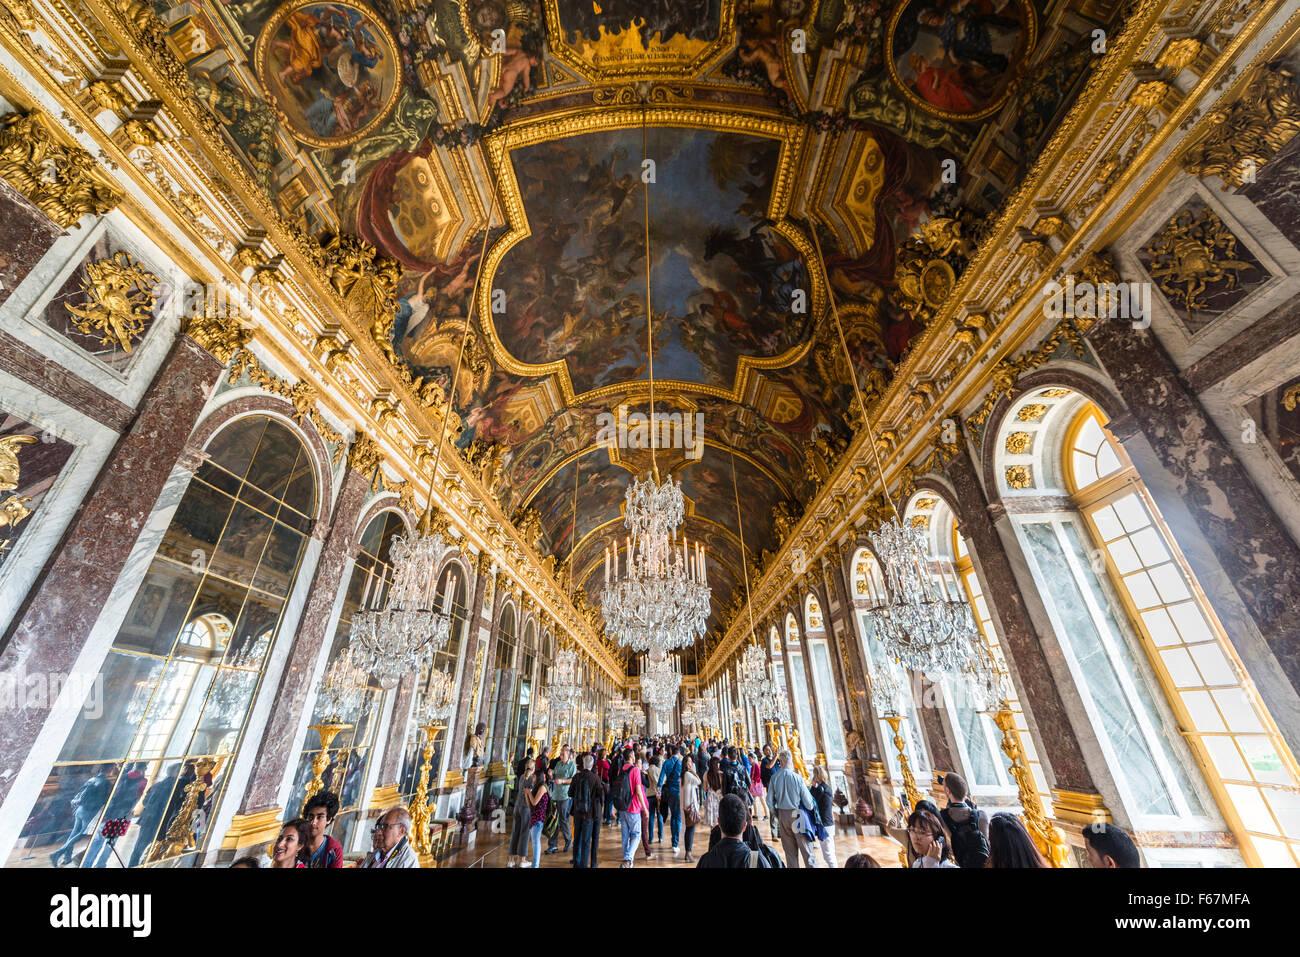 Salón de los espejos, Versalles, Sitio del Patrimonio Mundial de la UNESCO, Yvelines, la Región Ile-de-France, Francia Foto de stock